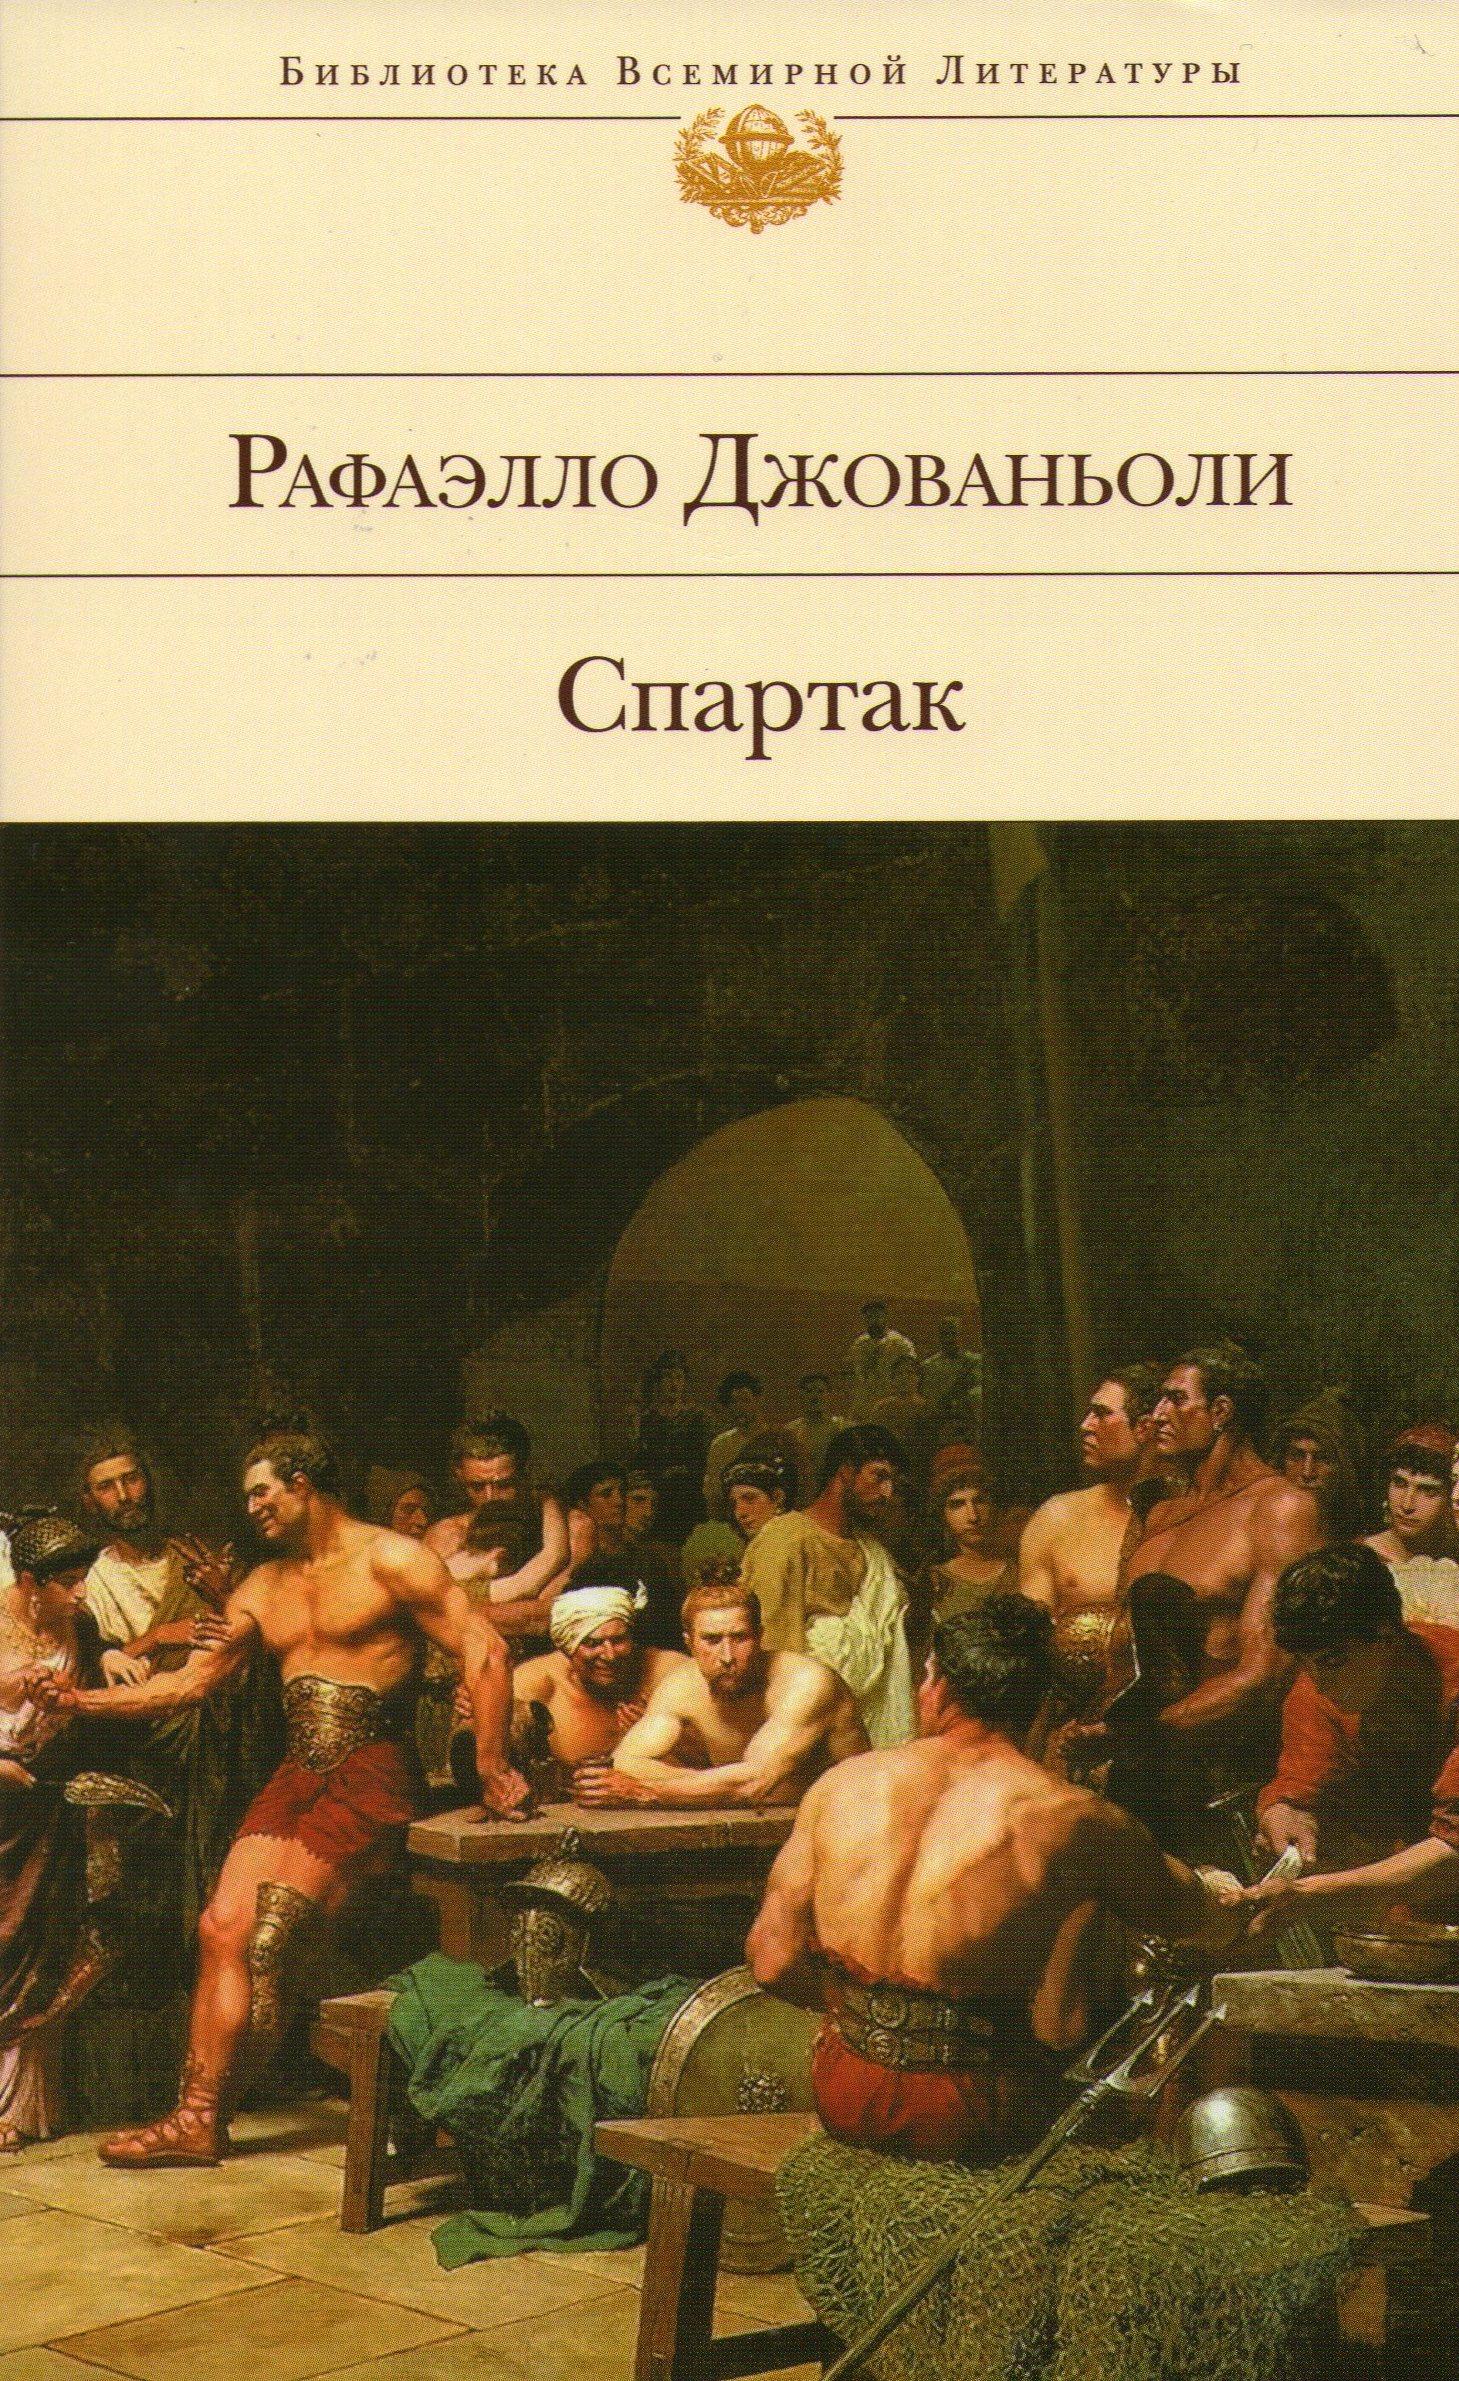 Второе восстание спартака скачать книгу бесплатно